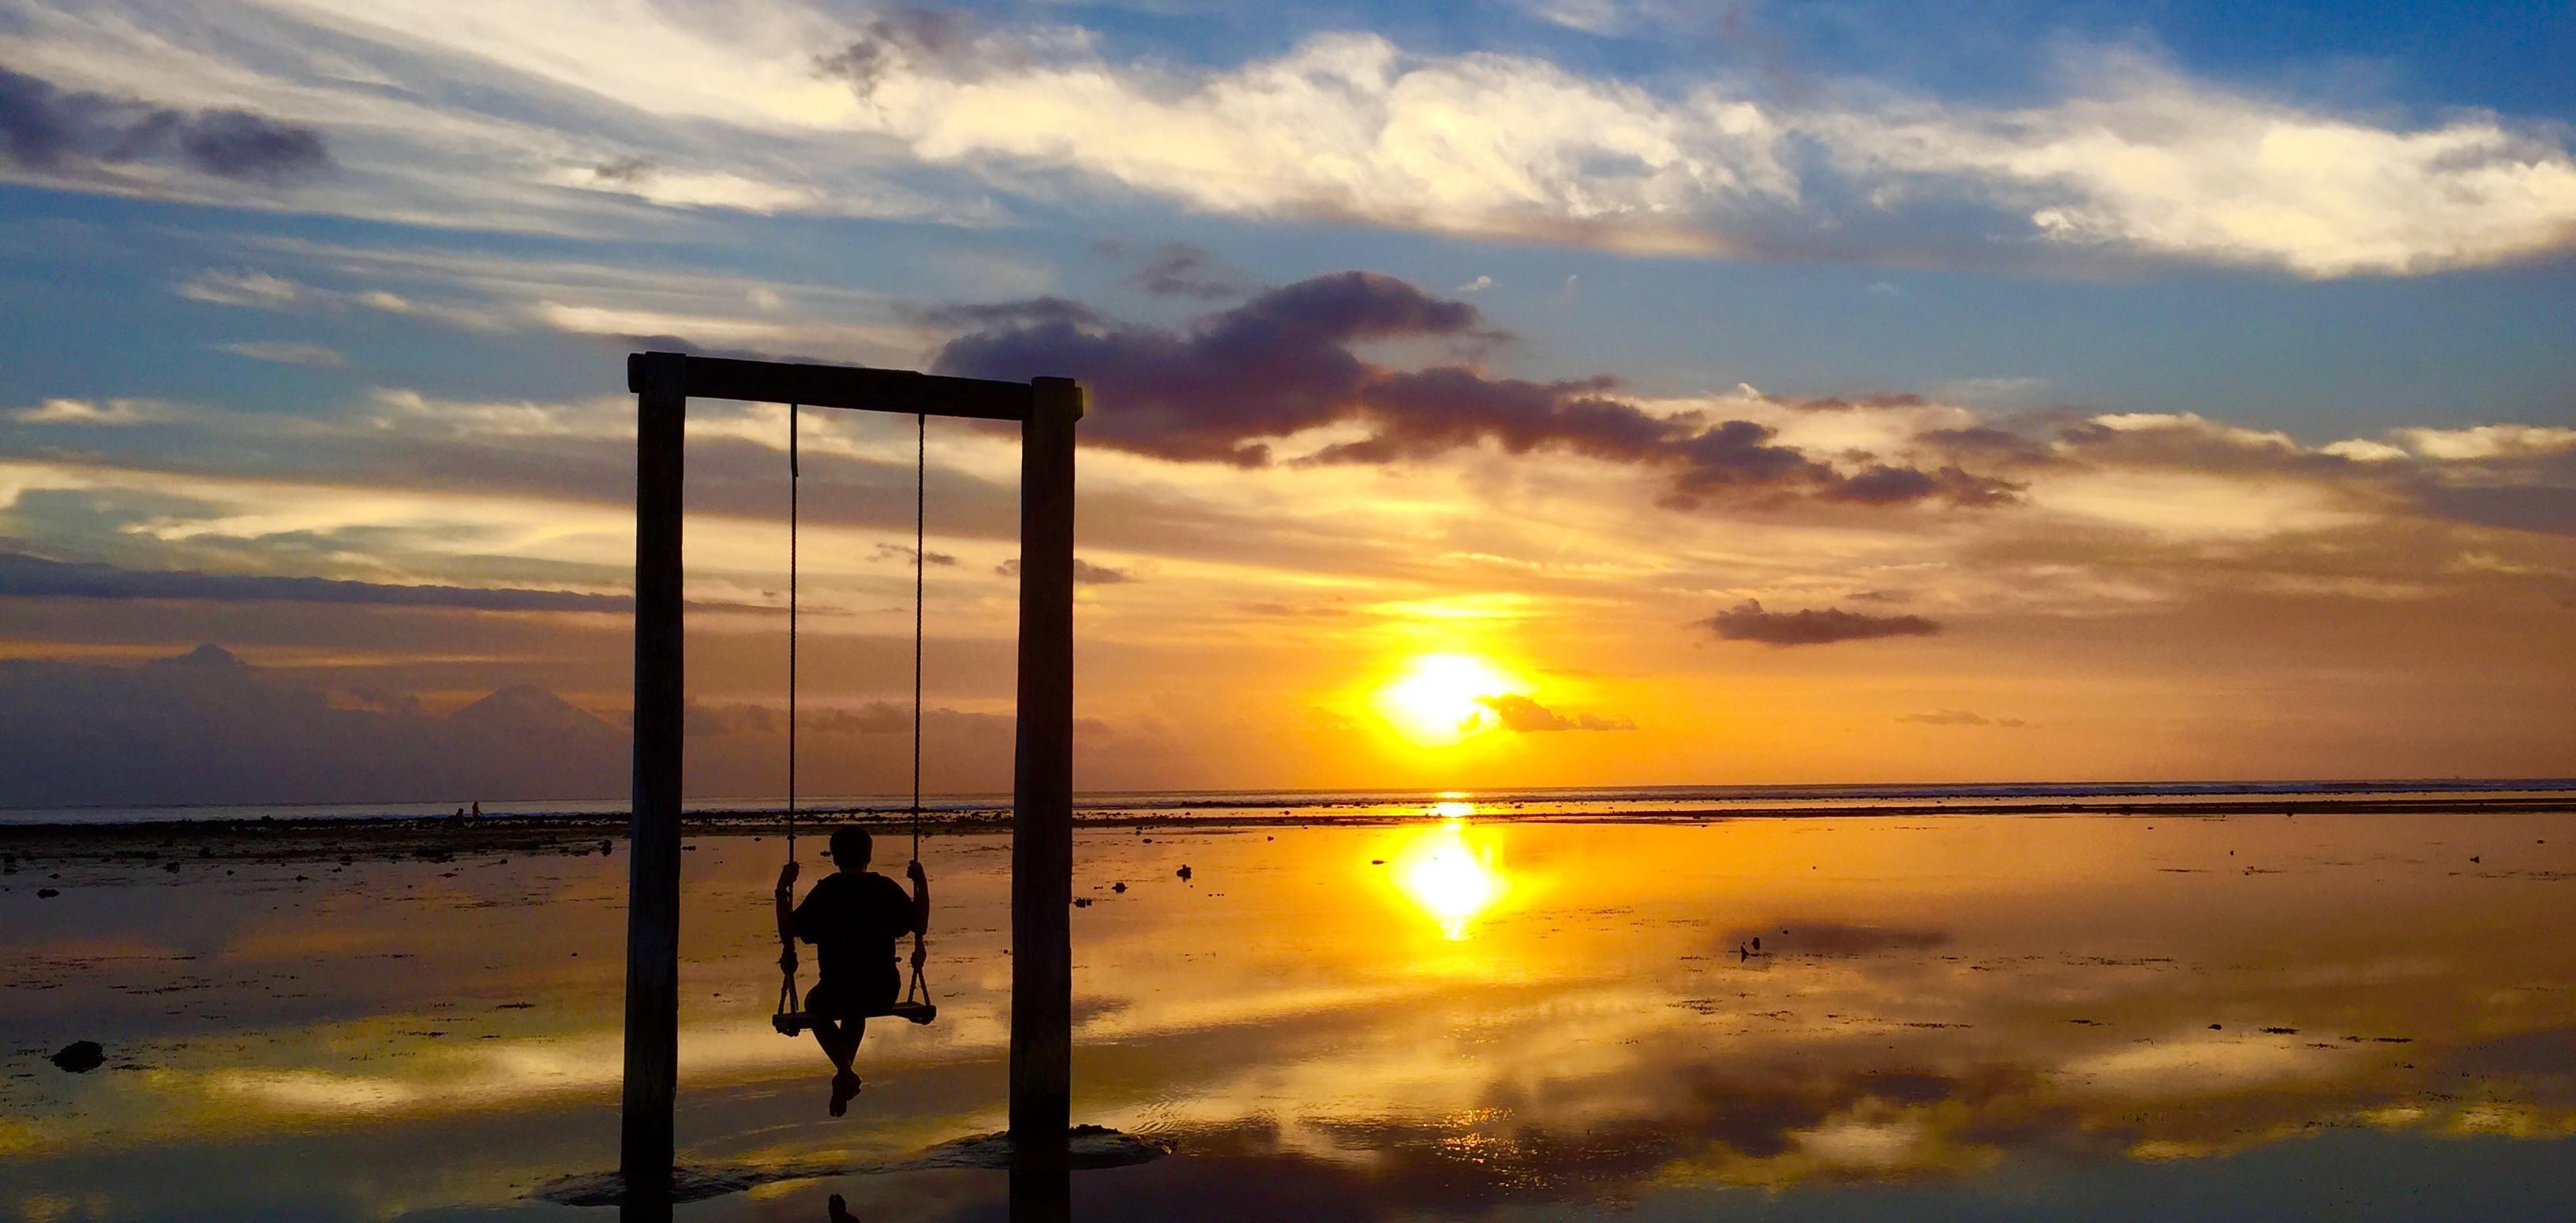 Je cherche pour moi-même une douceur d'être qui soit à l'image de mes inclinations sincères et je l'ai trouvée aussi loin que je le pouvais, sur une île d'Indonésie...